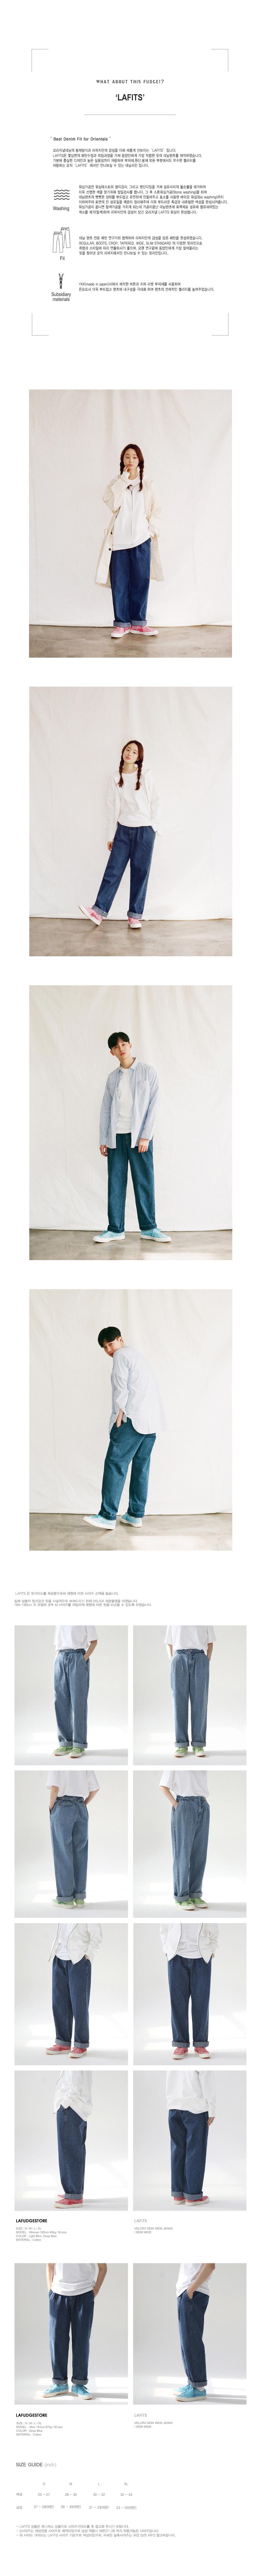 Velcro_Semi_Wide_Jeans_deep01.jpg